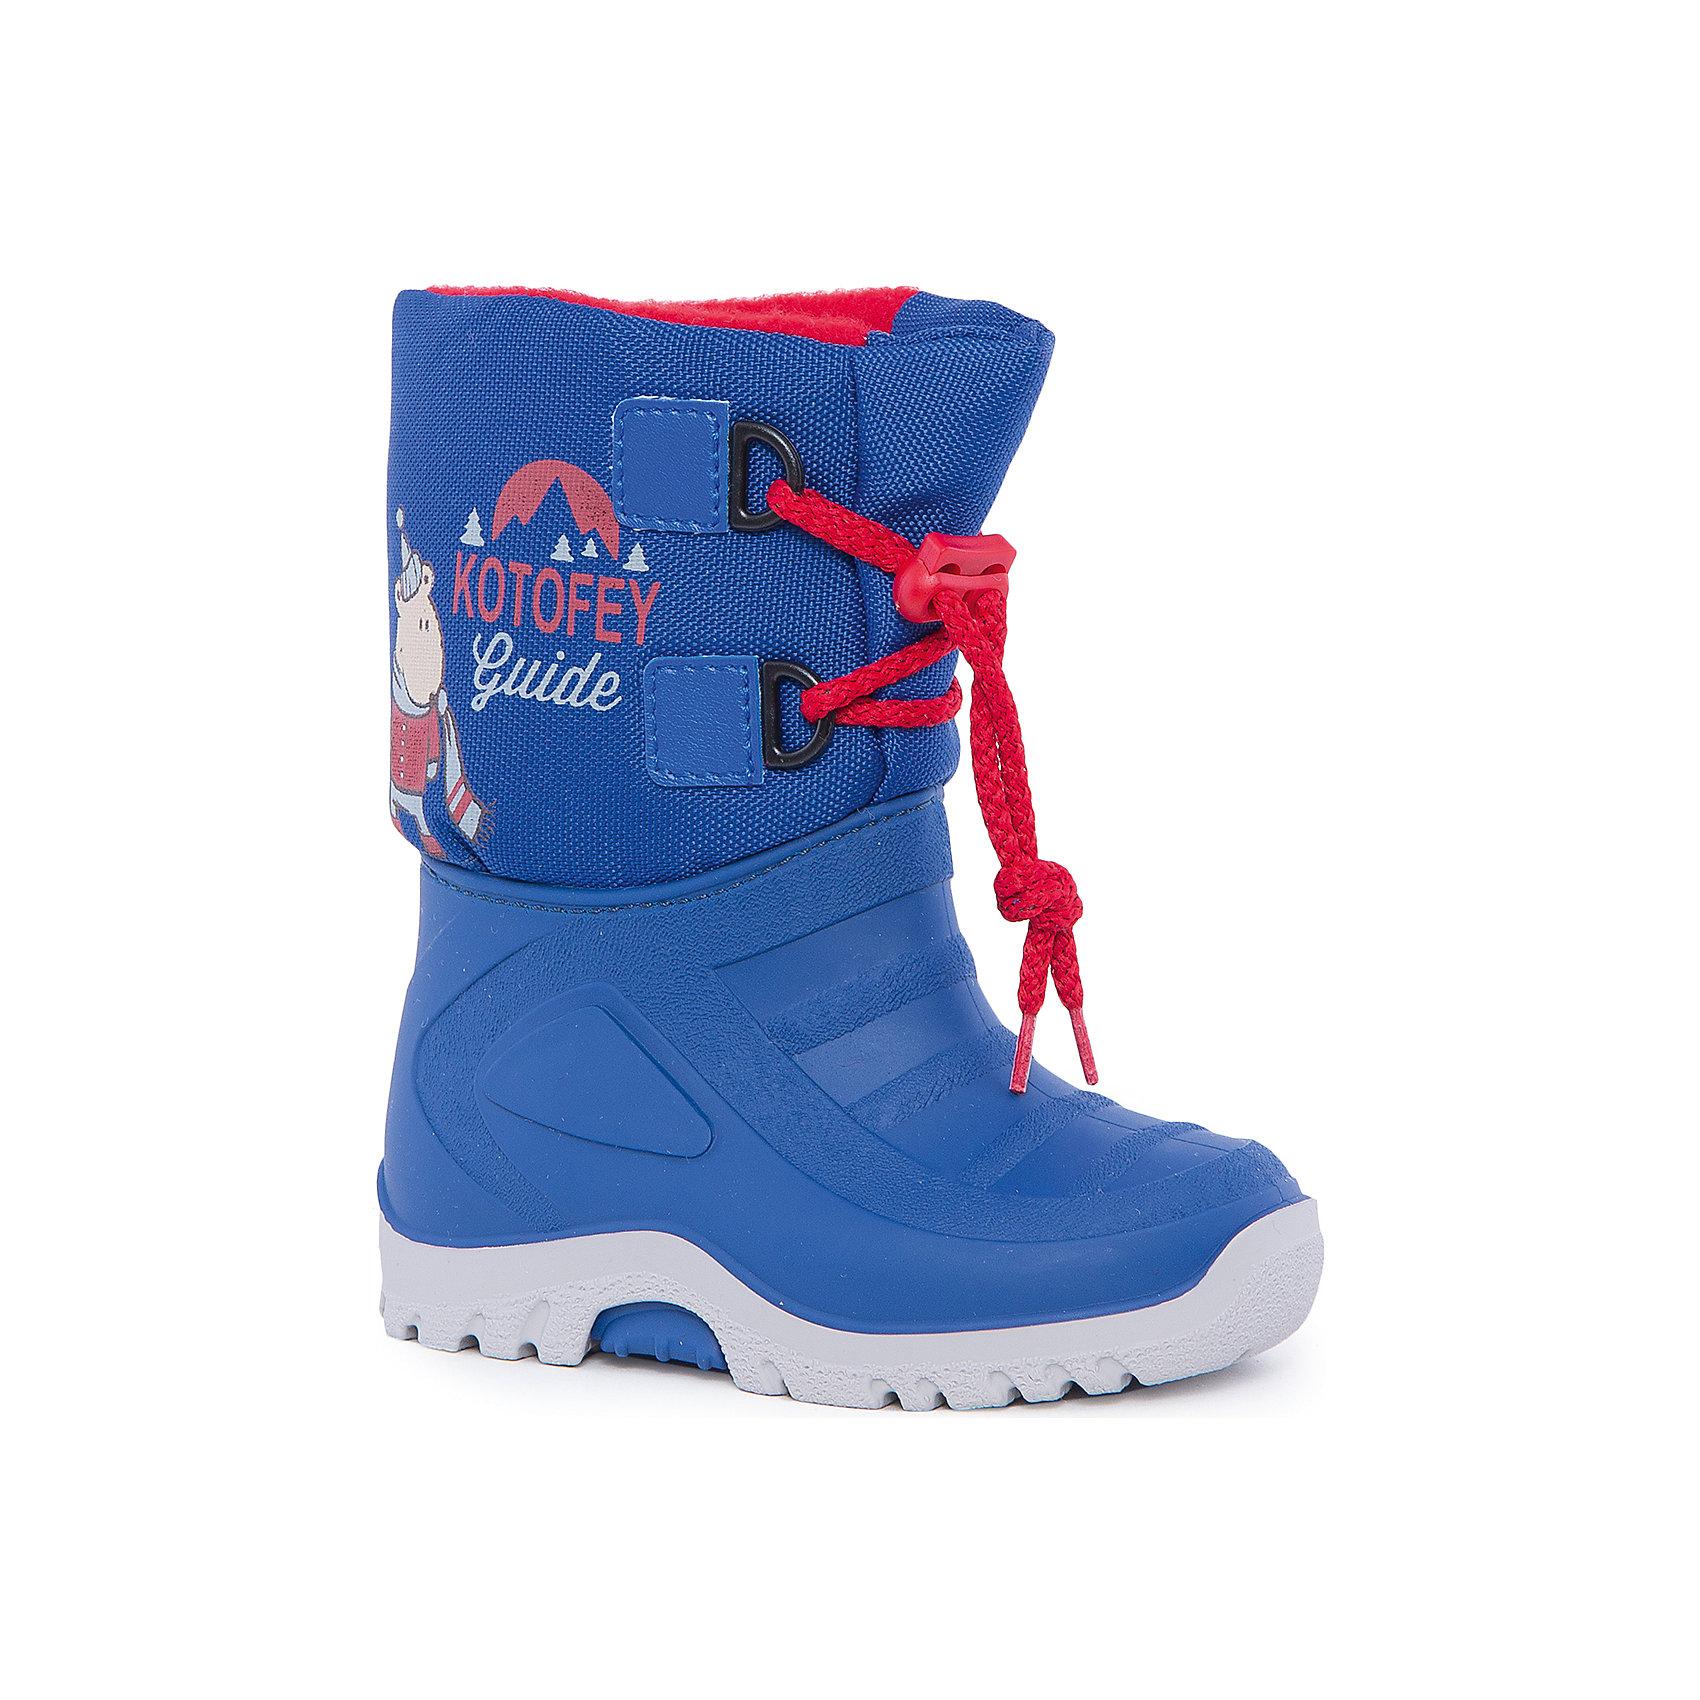 Сноубутсы для мальчика КотофейСноубутсы<br>Котофей – качественная и стильная детская обувь по доступным ценам. С каждым днем популярность бренда растет.  При выборе обуви важно следить, чтобы модель была не только красивой и удобной, то и теплой, а так же защищала ножки малыша от промокания. Сочетание резиновых сапог и теплых зимних ботинок создало уникальную модель из новой коллекции.<br><br>Дополнительная информация:<br><br>цвет: синий;<br>вид крепления: прошивной;<br>застежка: шнуровка с креплением;<br>температурный режим: от -15 °С до +5° С.<br><br>Состав:<br>материал верха – комбинированный;<br>подкладка – мех шерстяной;<br>подошва – мегол.<br><br>Зимние сапожки из прочных и качественных материалов для мальчика ясельного возраста от фирмы Котофей можно приобрести у нас в магазине.<br><br>Ширина мм: 257<br>Глубина мм: 180<br>Высота мм: 130<br>Вес г: 420<br>Цвет: синий<br>Возраст от месяцев: 12<br>Возраст до месяцев: 18<br>Пол: Мужской<br>Возраст: Детский<br>Размер: 21/22,25/26,23/24<br>SKU: 4982353